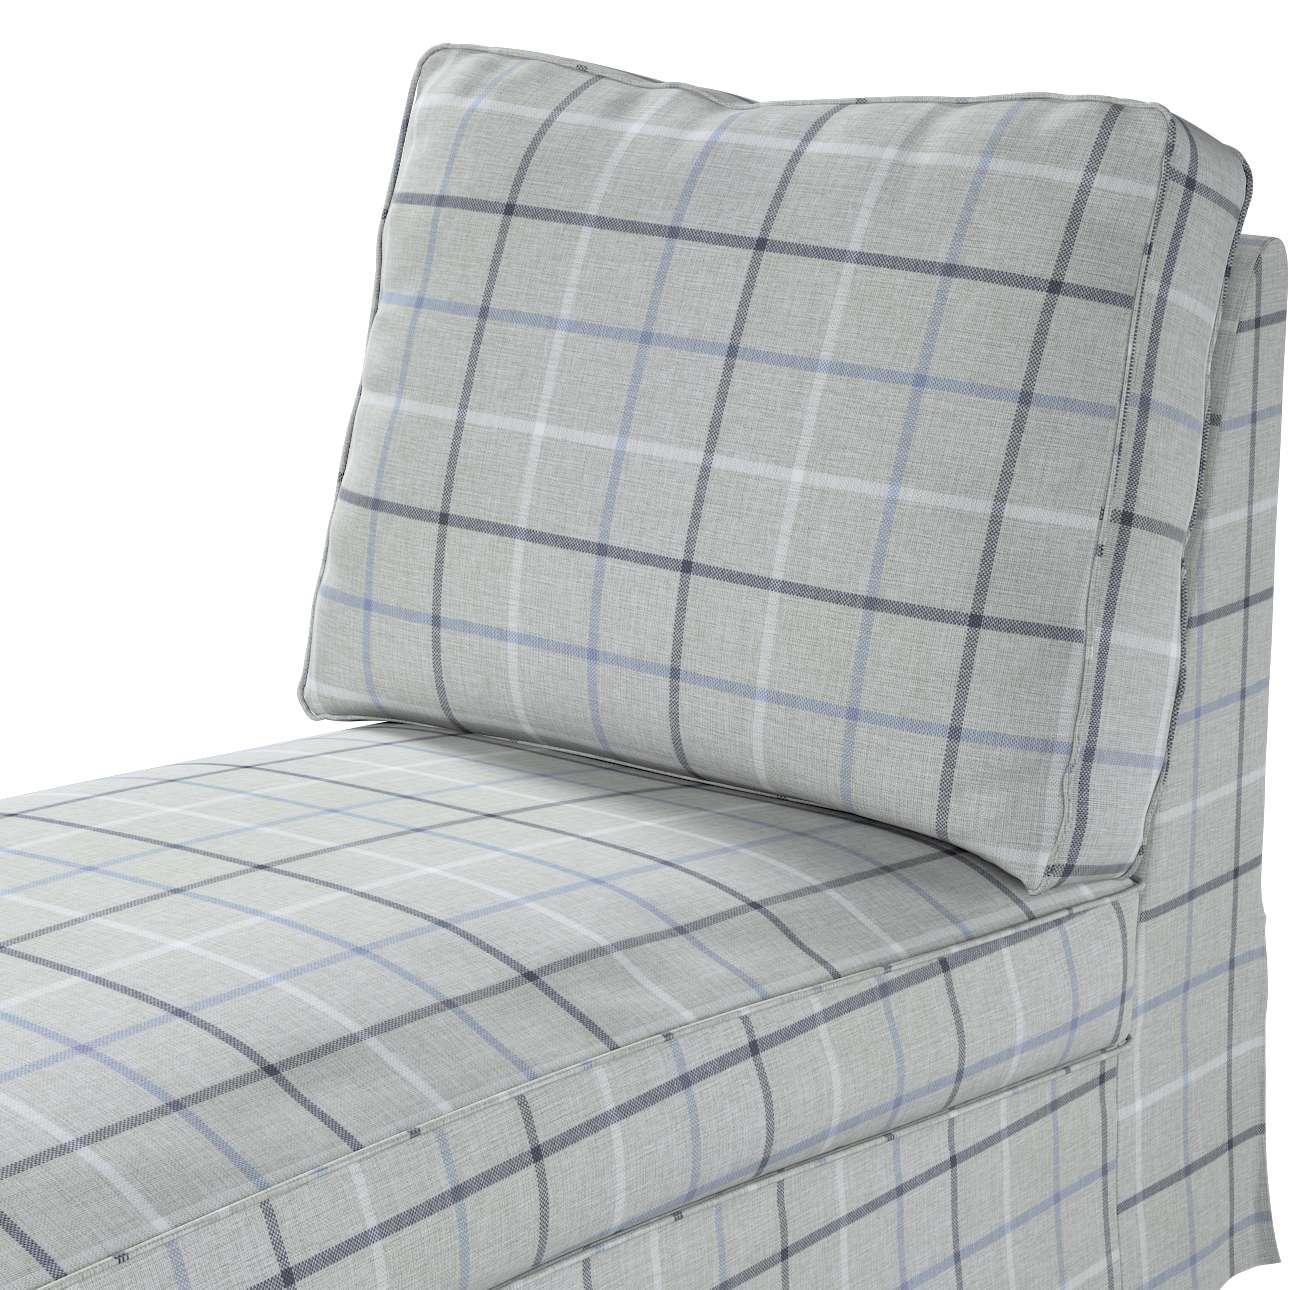 Pokrowiec na szezlong/ leżankę Ektorp wolnostojący prosty tył w kolekcji Edinburgh, tkanina: 703-18